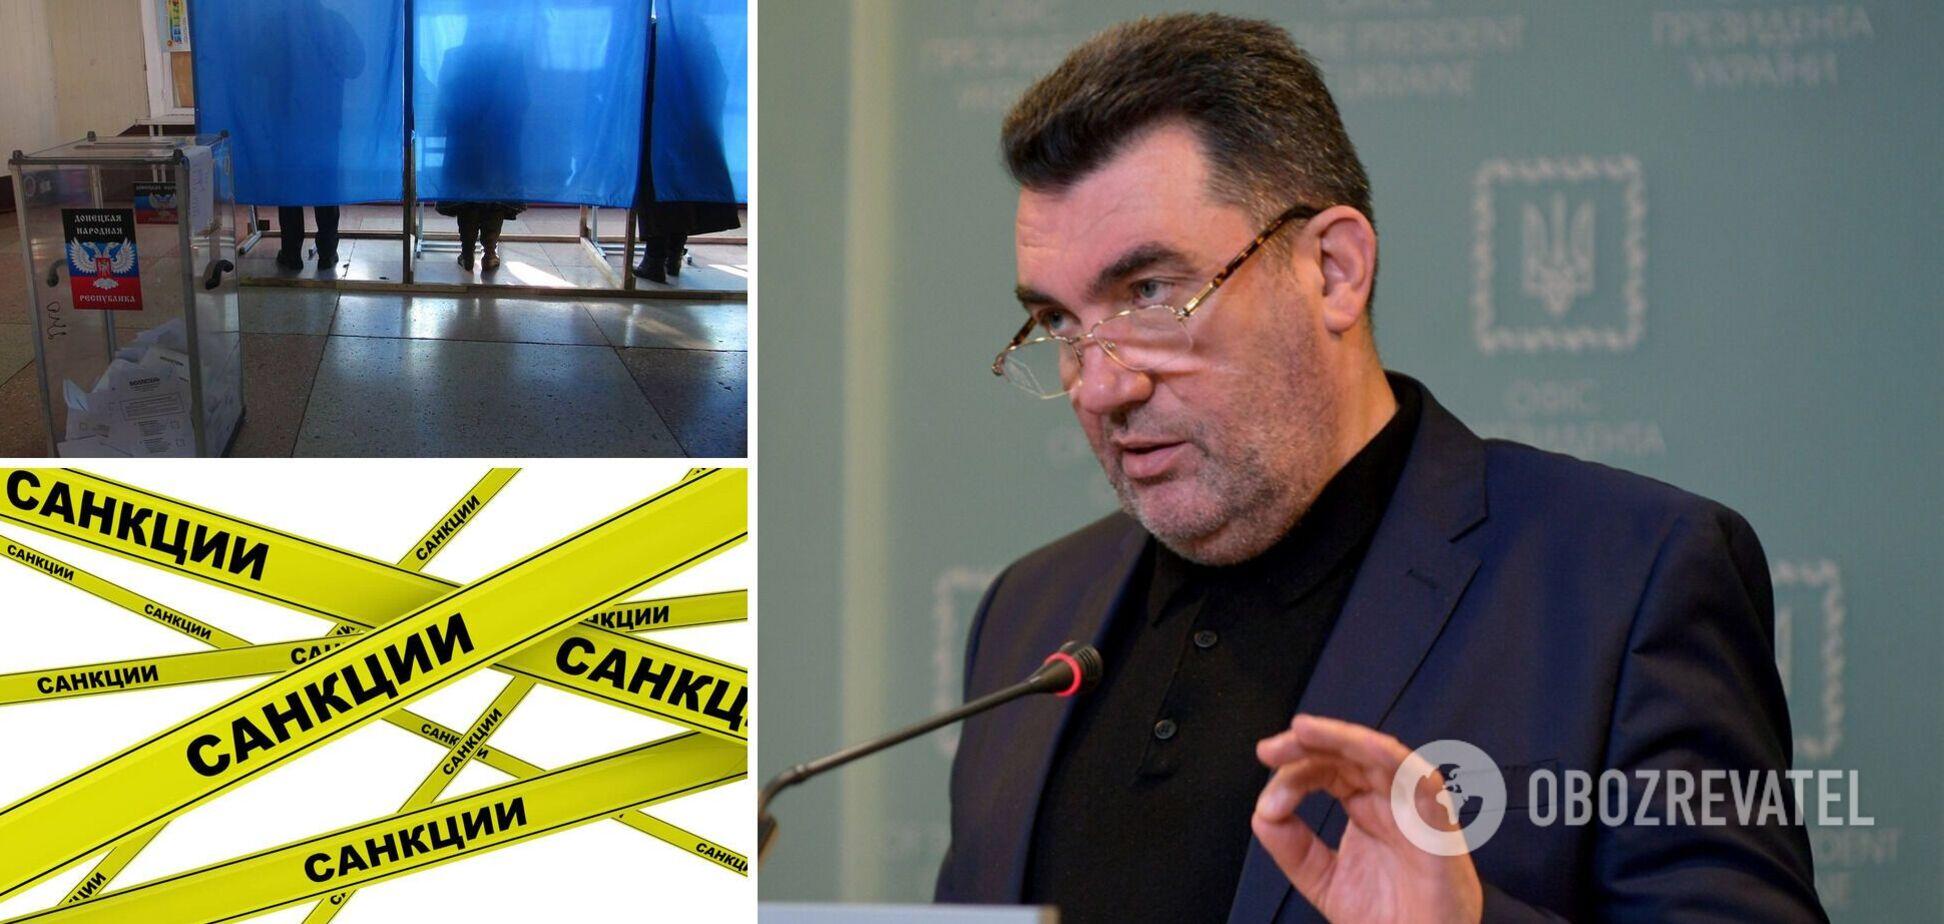 СНБО ввел санкции против организаторов выборов в Крыму и ОРДЛО: все подробности заседания